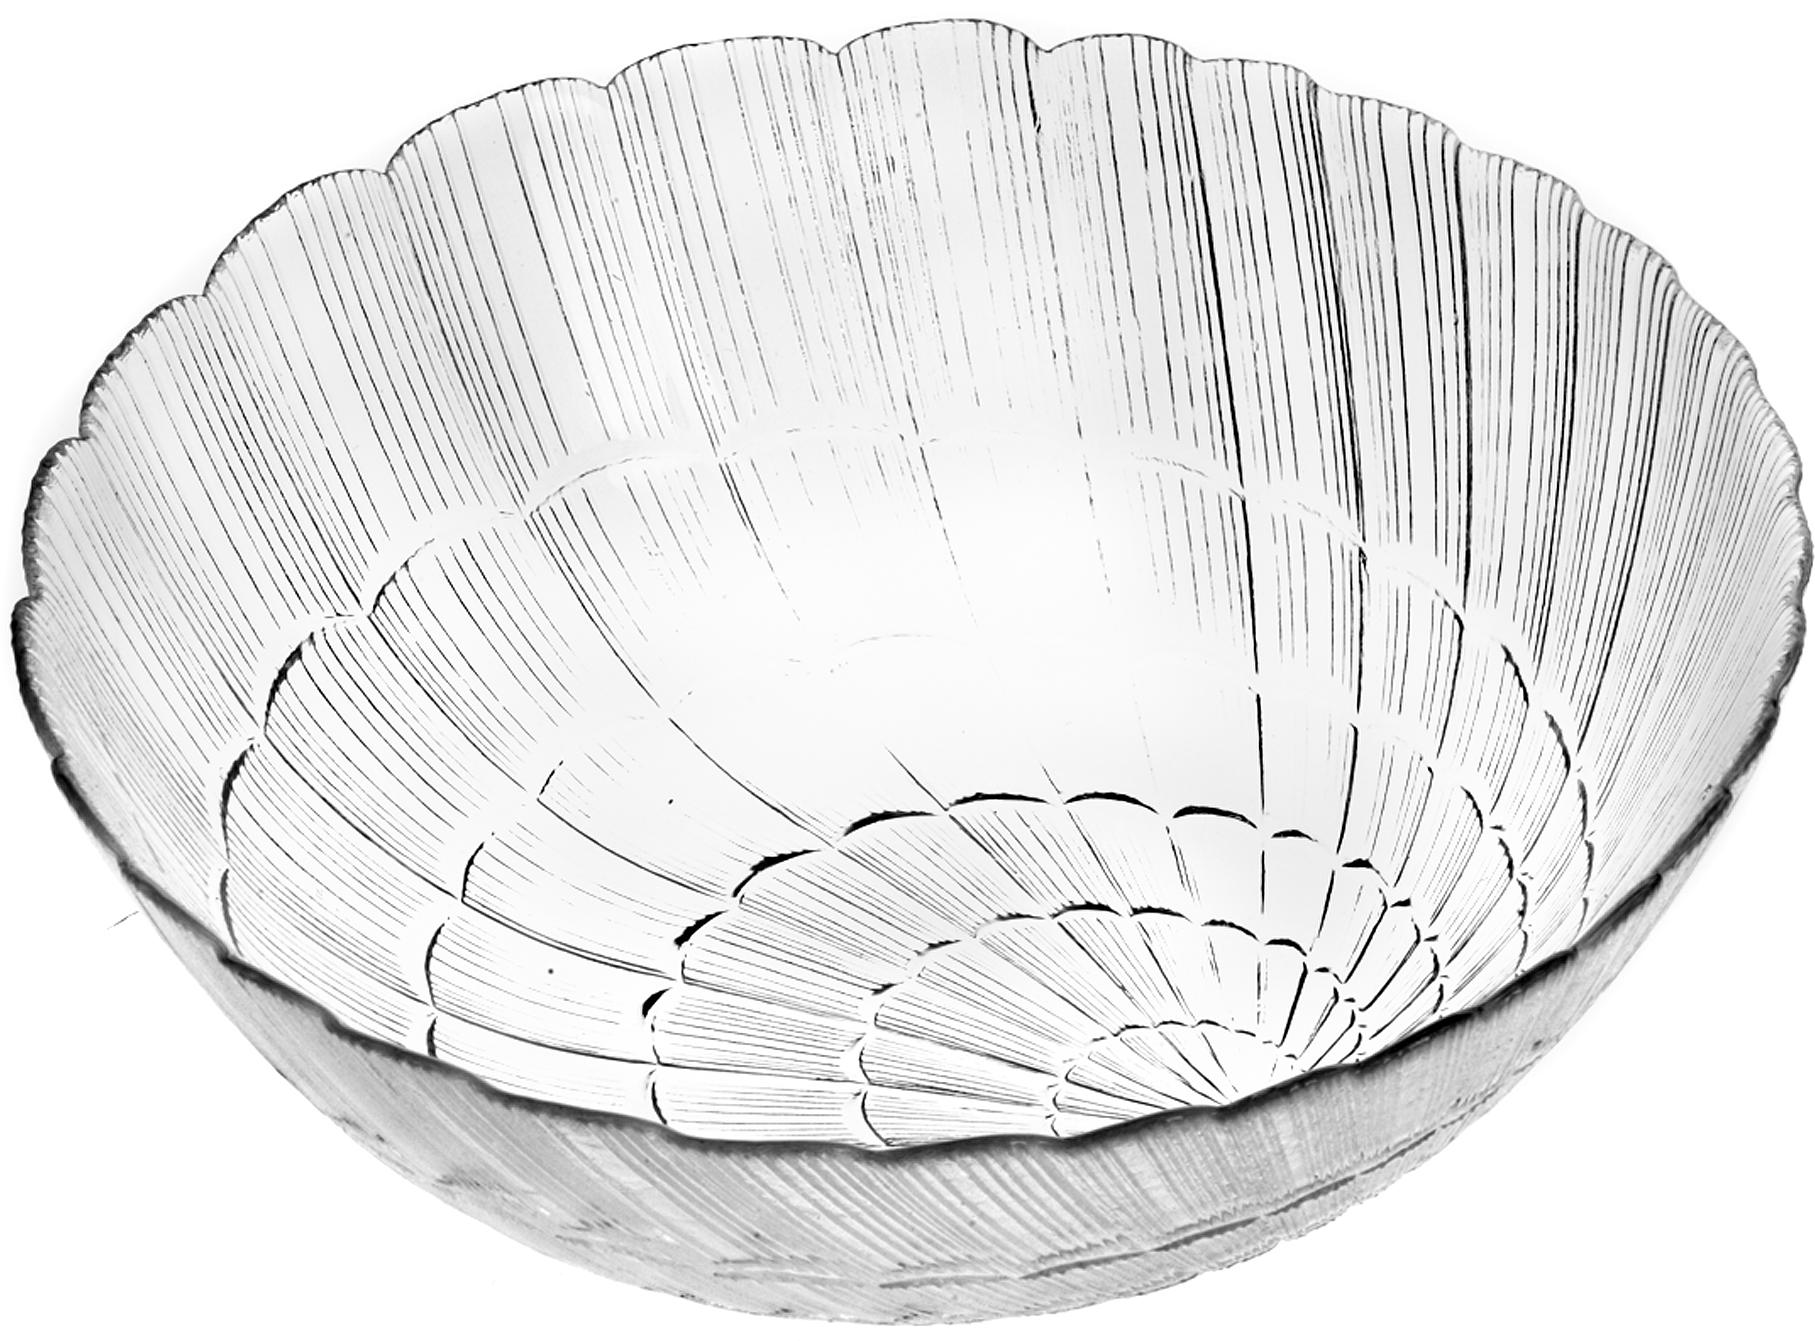 """Салатник Pasabahce """"Атлантис"""" изготовлен из прочного закаленного  силикатного стекла. Стенки украшены изящным рельефом. Салатник прекрасно подходит для подачи салатов, закусок и других блюд, например, мяса.  Салатник красиво оформит праздничный стол и удивит вас стильным дизайном. Можно мыть в посудомоечной машине и использовать в микроволновой печи."""